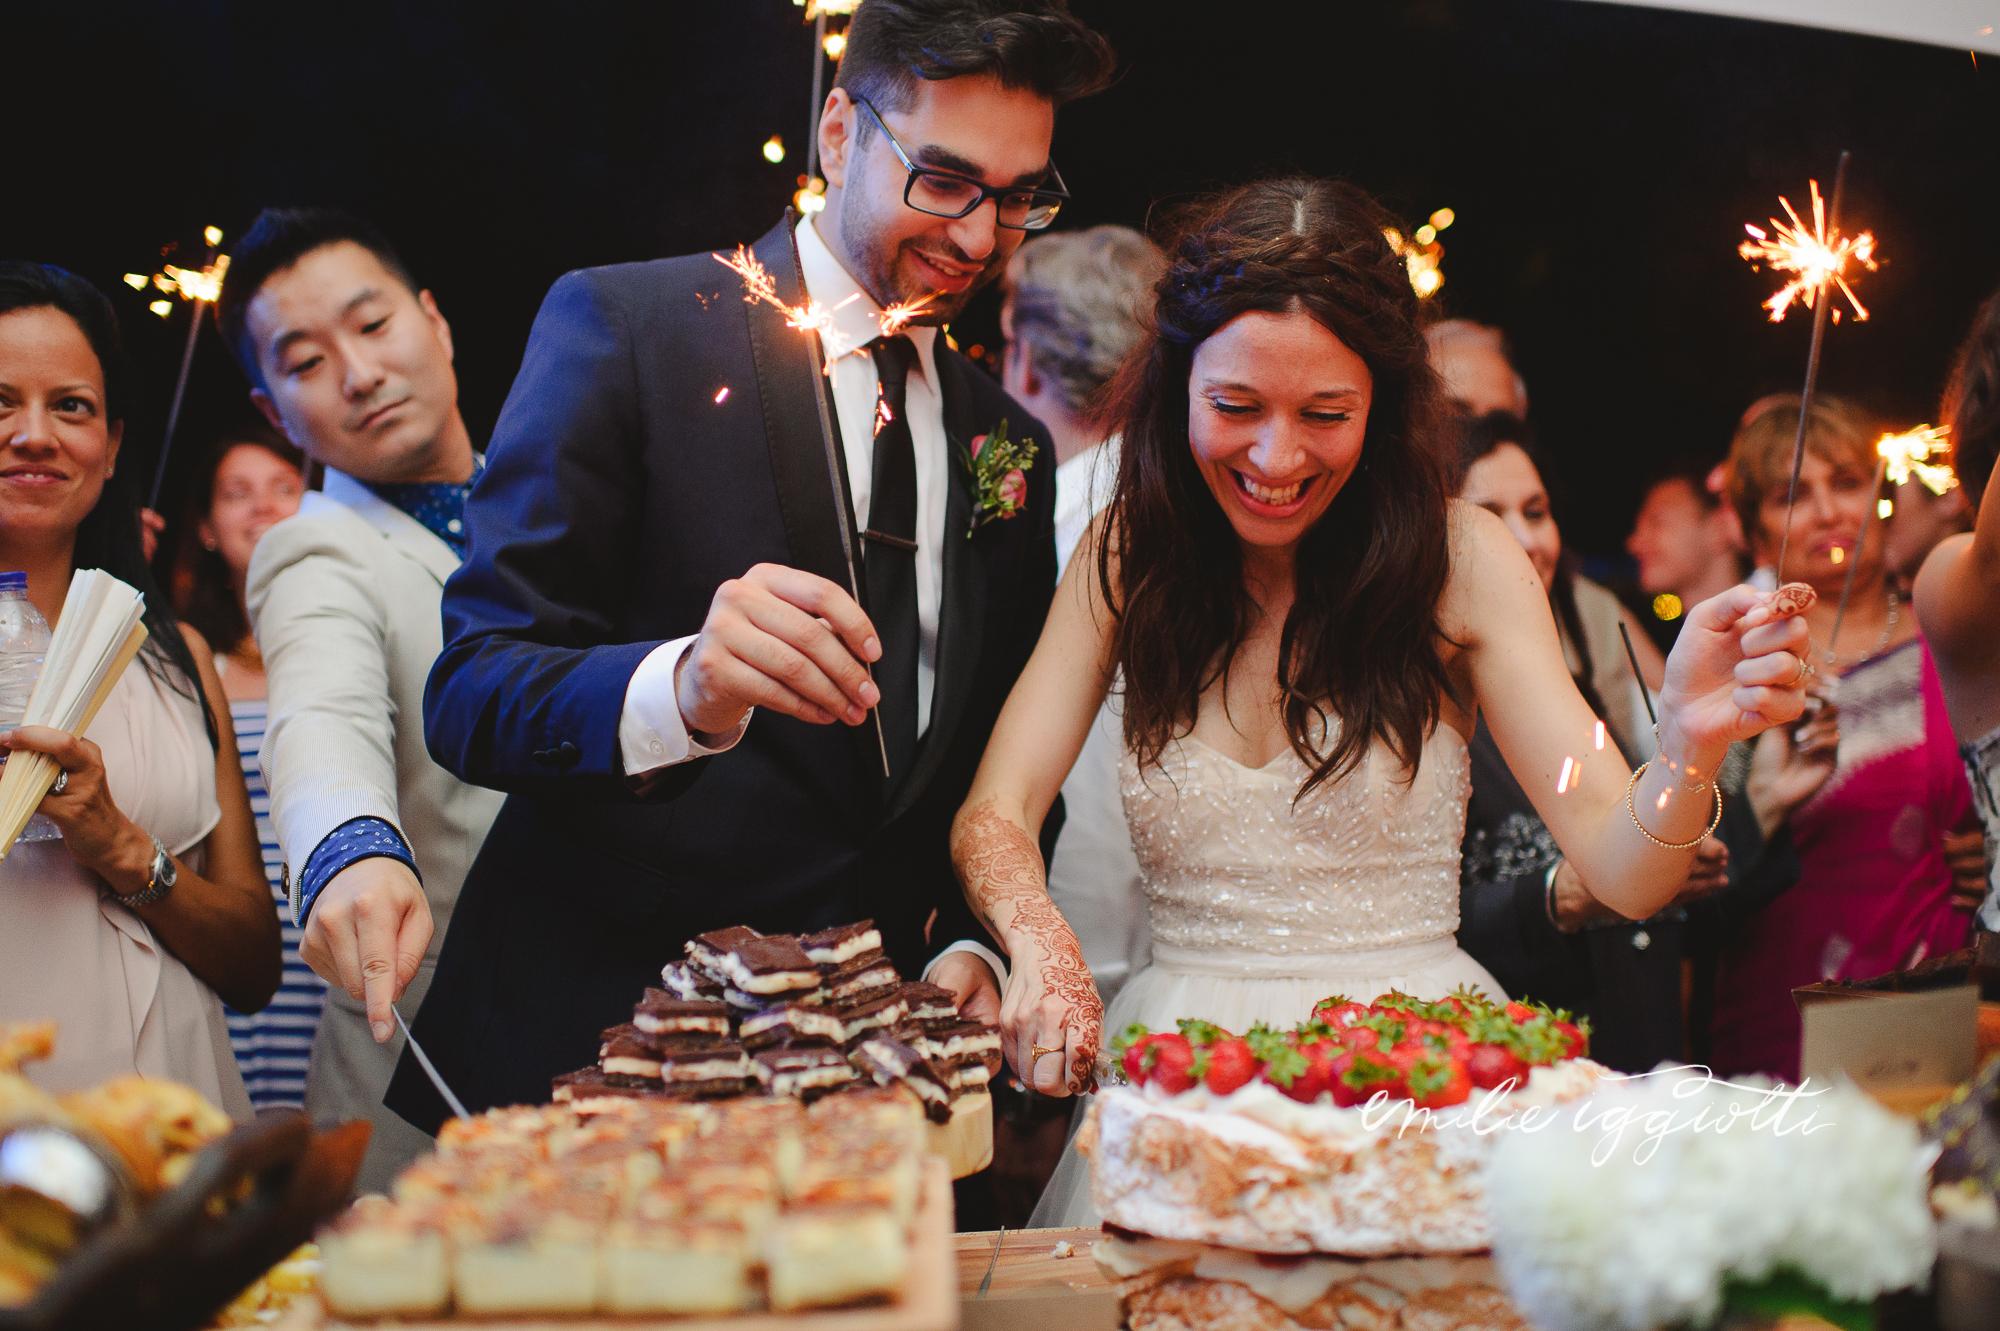 nabeille-wedding-emilie-iggiotti-64